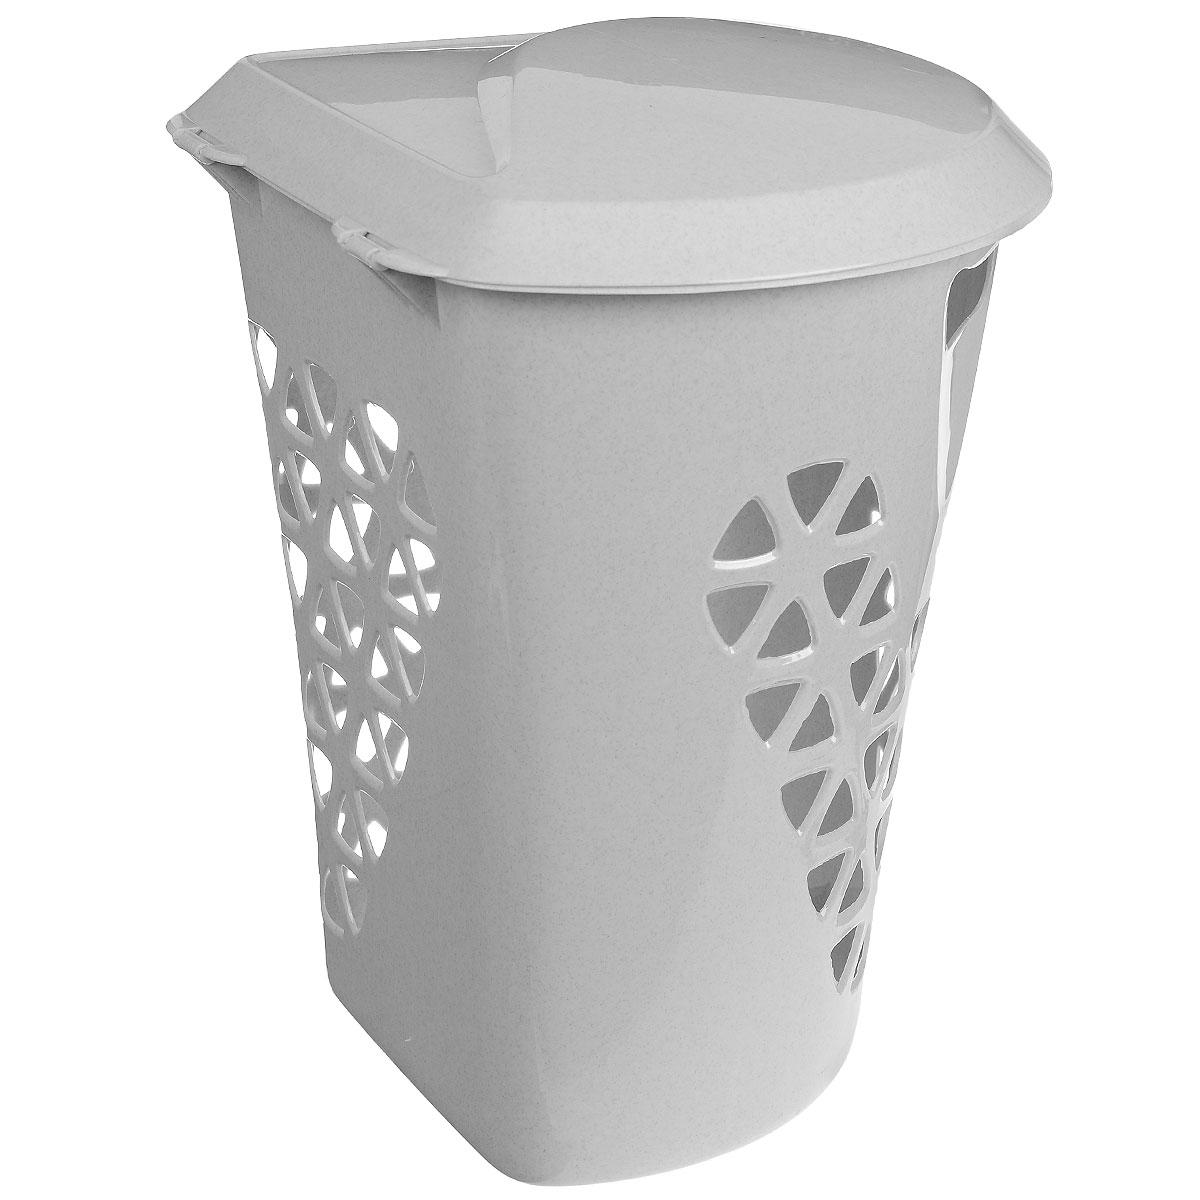 Корзина для белья М-пластика Венеция, угловая, цвет: белый, 50 лМ 2607Угловая корзина для белья М-пластика Венеция изготовлена из прочного пластика. Она отлично подойдет для хранения белья перед стиркой. Специальные отверстия на стенках создают идеальные условия для проветривания. Изделие оснащено крышкой. Такая корзина для белья прекрасно впишется в интерьер ванной комнаты.